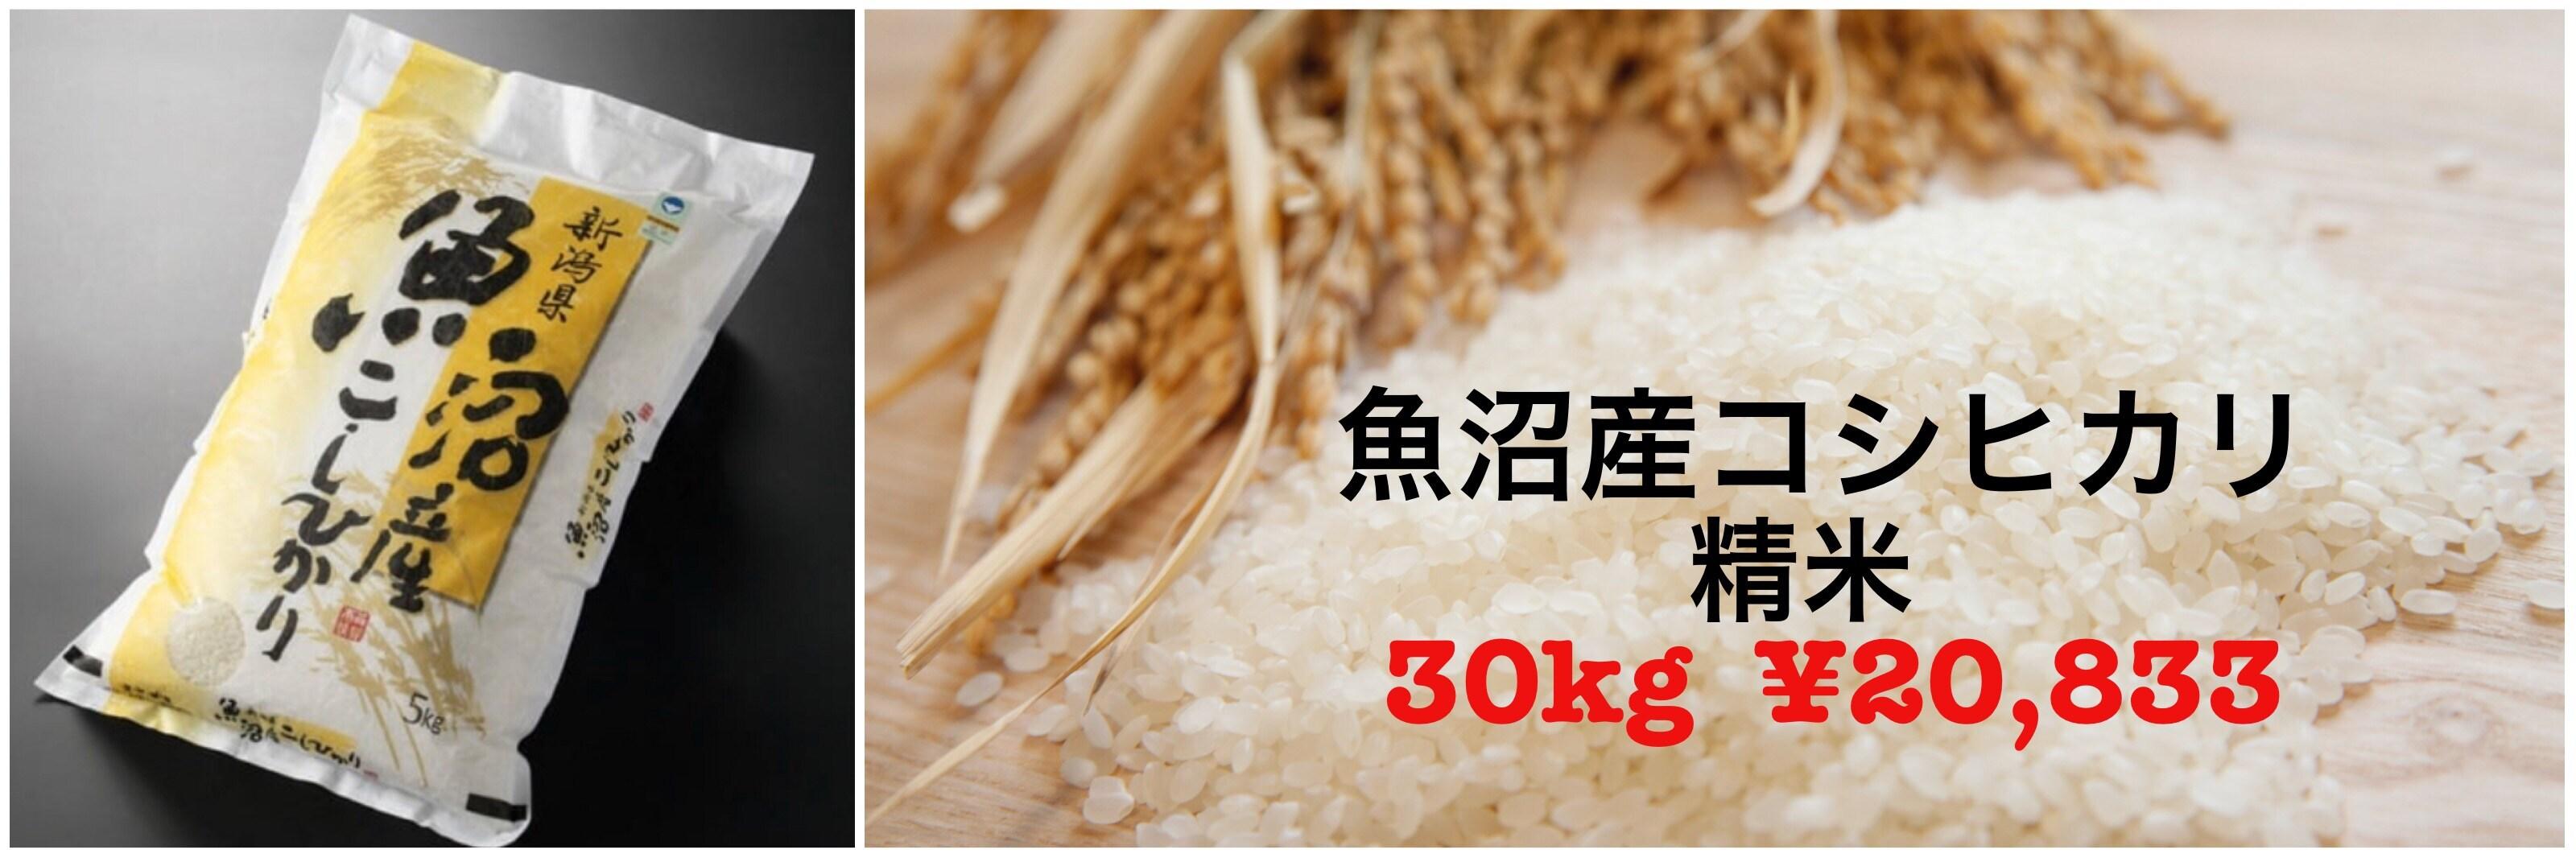 精米30キロ